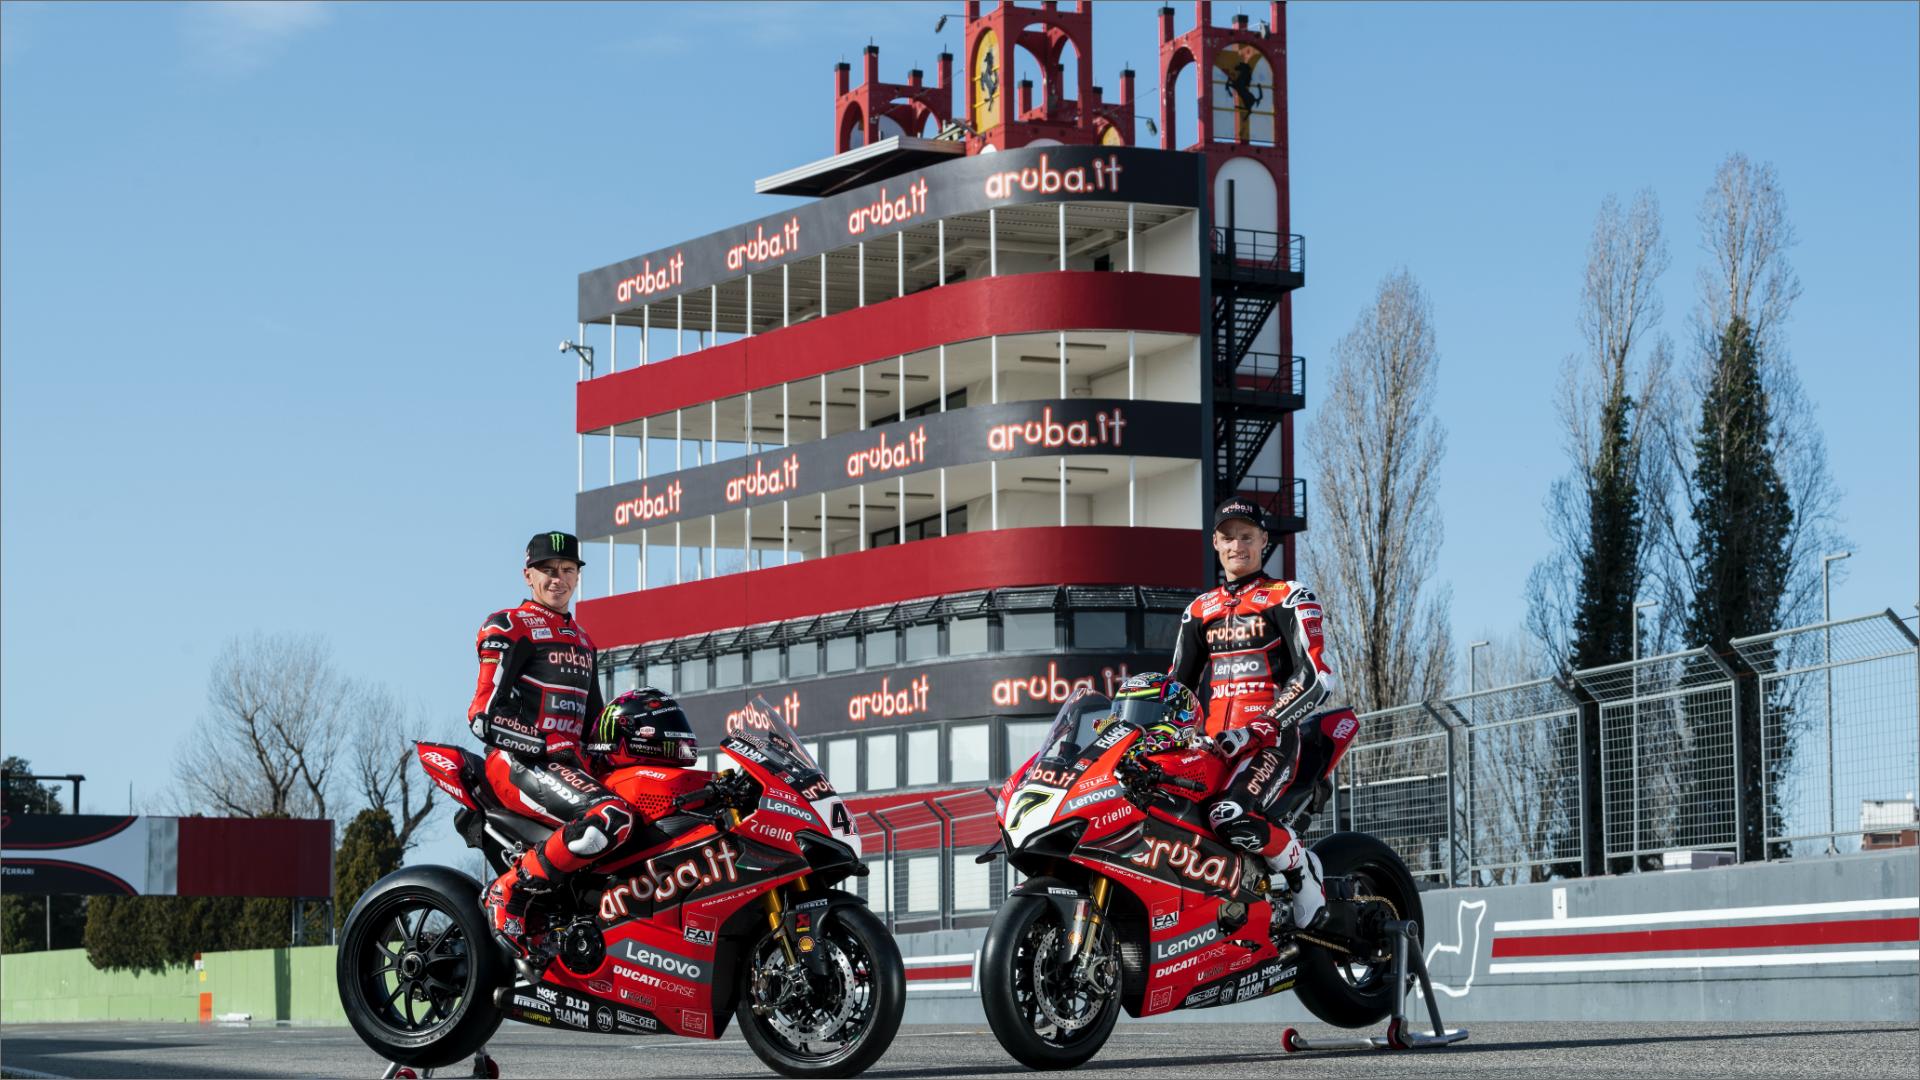 Superbike 2020: all'Autodromo Enzo e Dino Ferrari di Imola viene svelata la Ducati Panigale V4 R del Team Aruba.